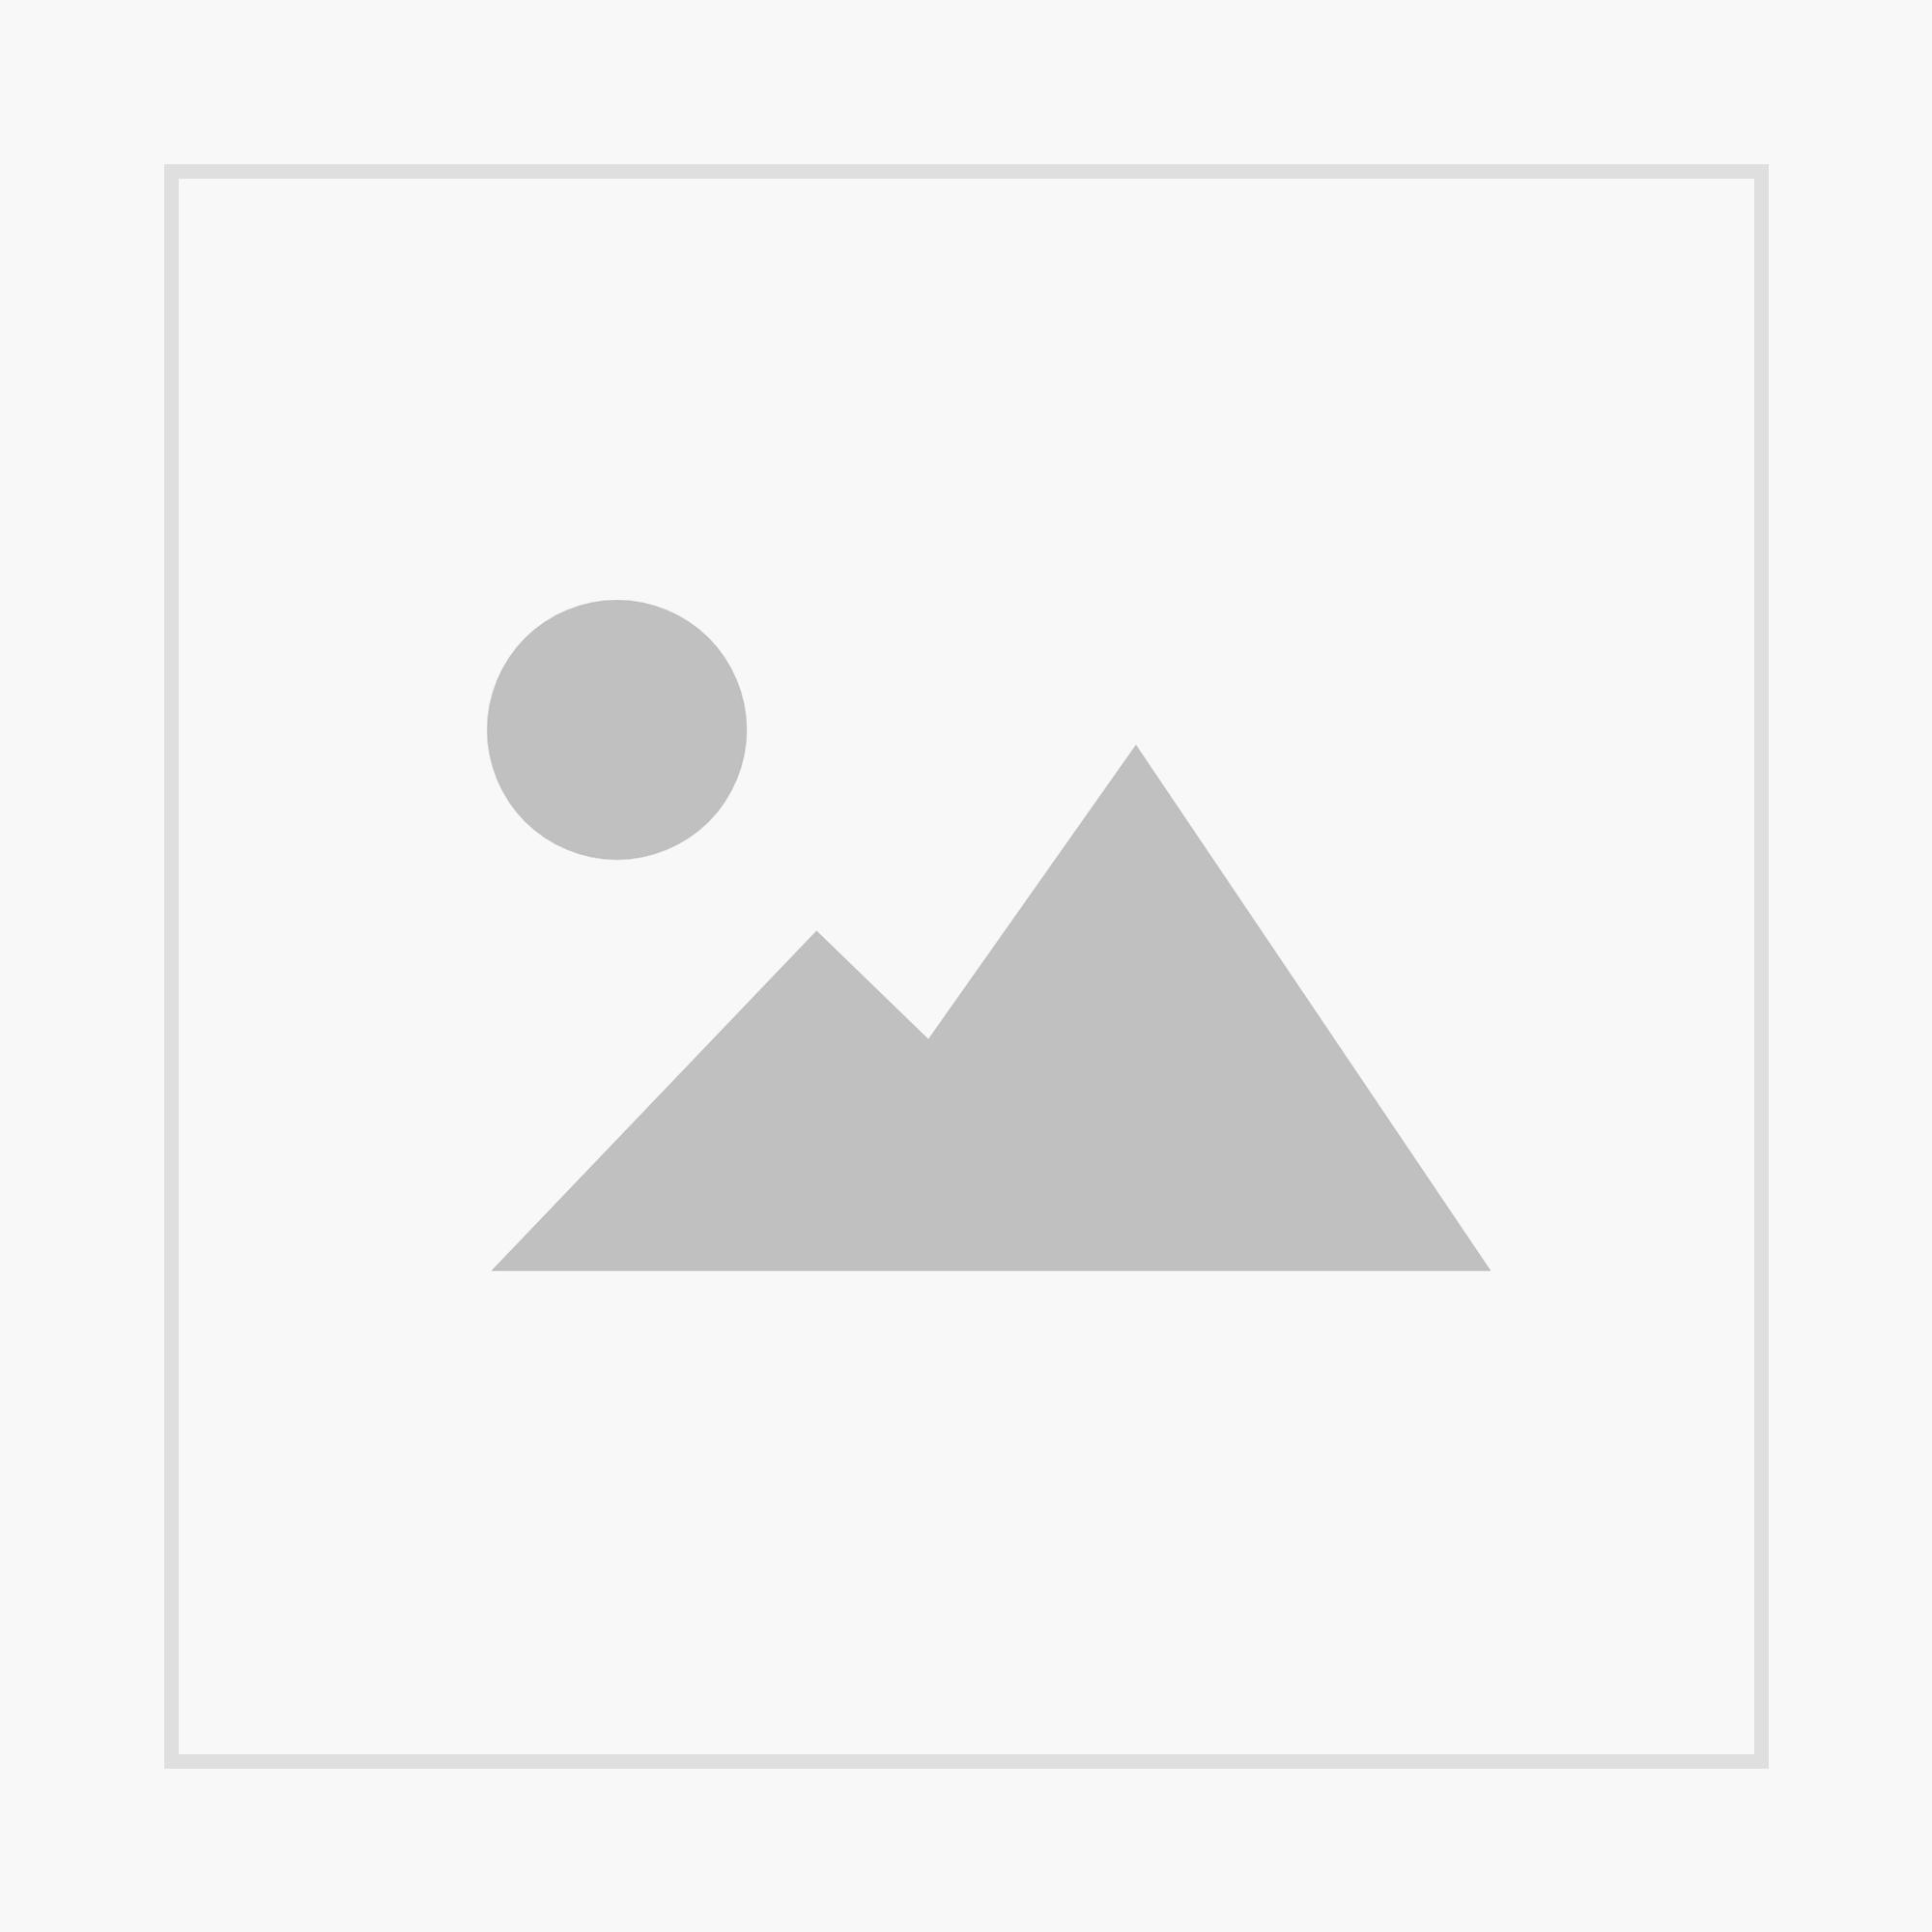 hygge 3 (3/2017)